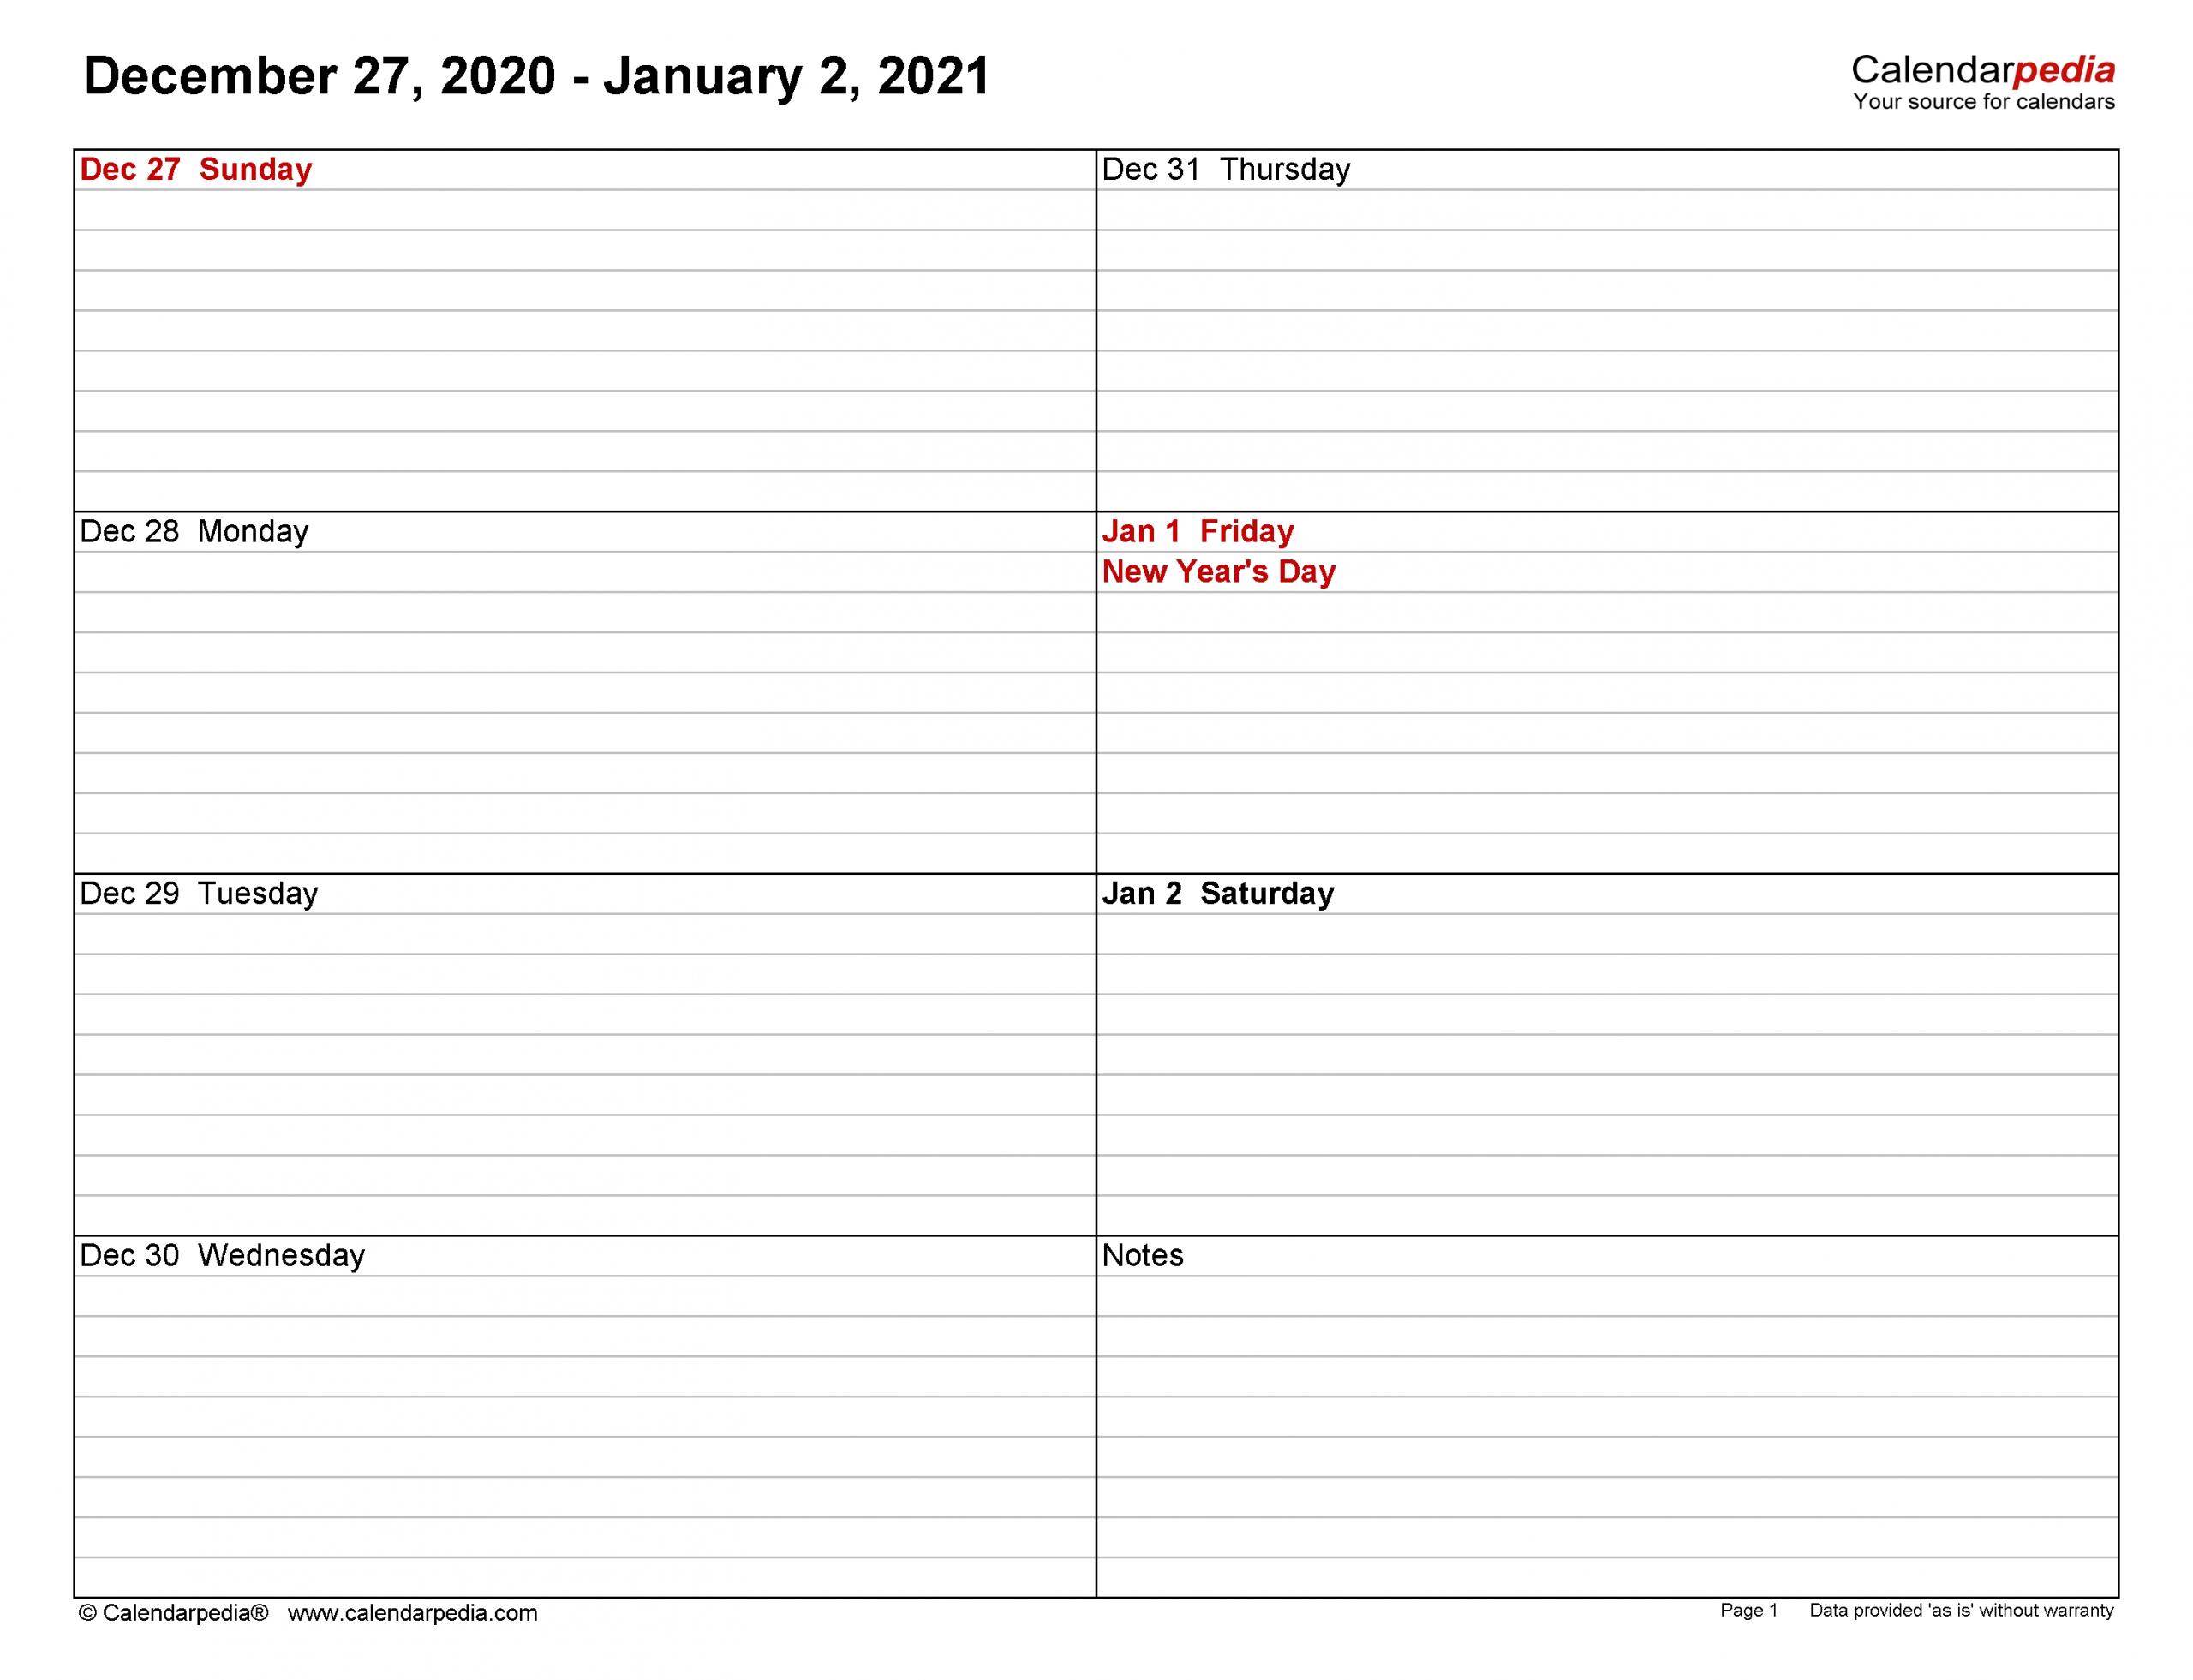 Free 5x8 Weekly Planner Printables In 2021 Free Printable Weekly Calendar Weekly Calendar Printable Calendar Printables